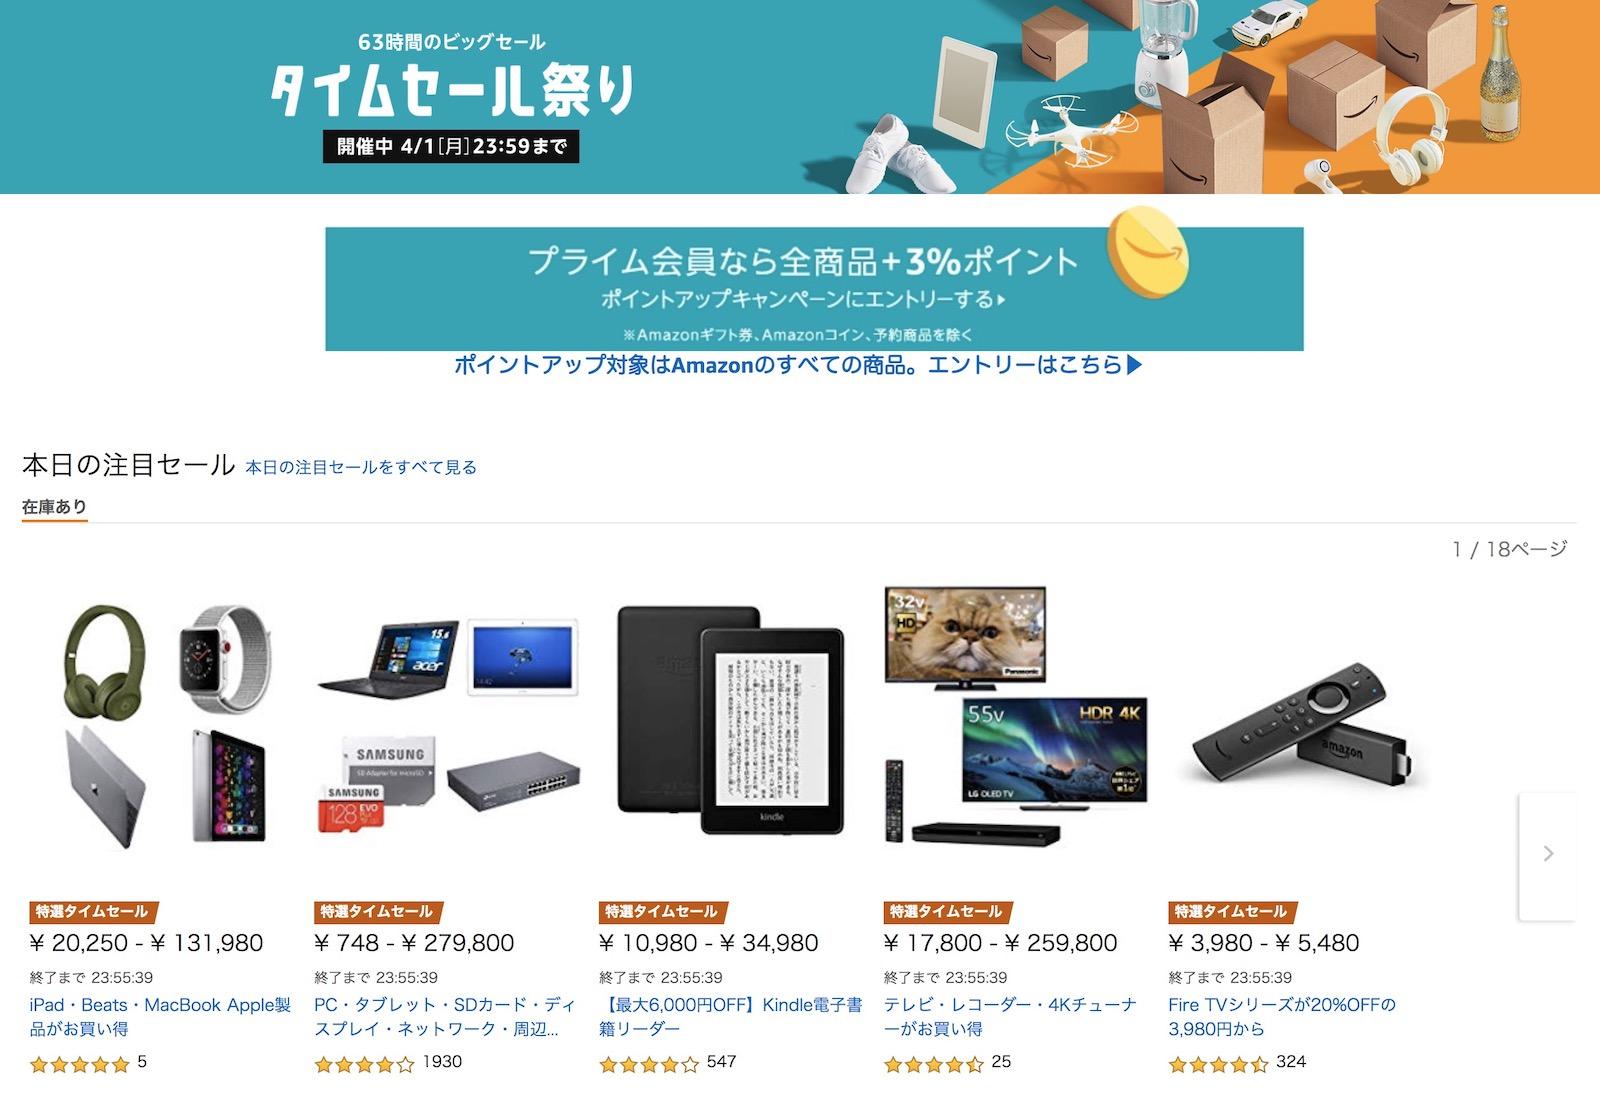 Amazon TimeSale LastDay